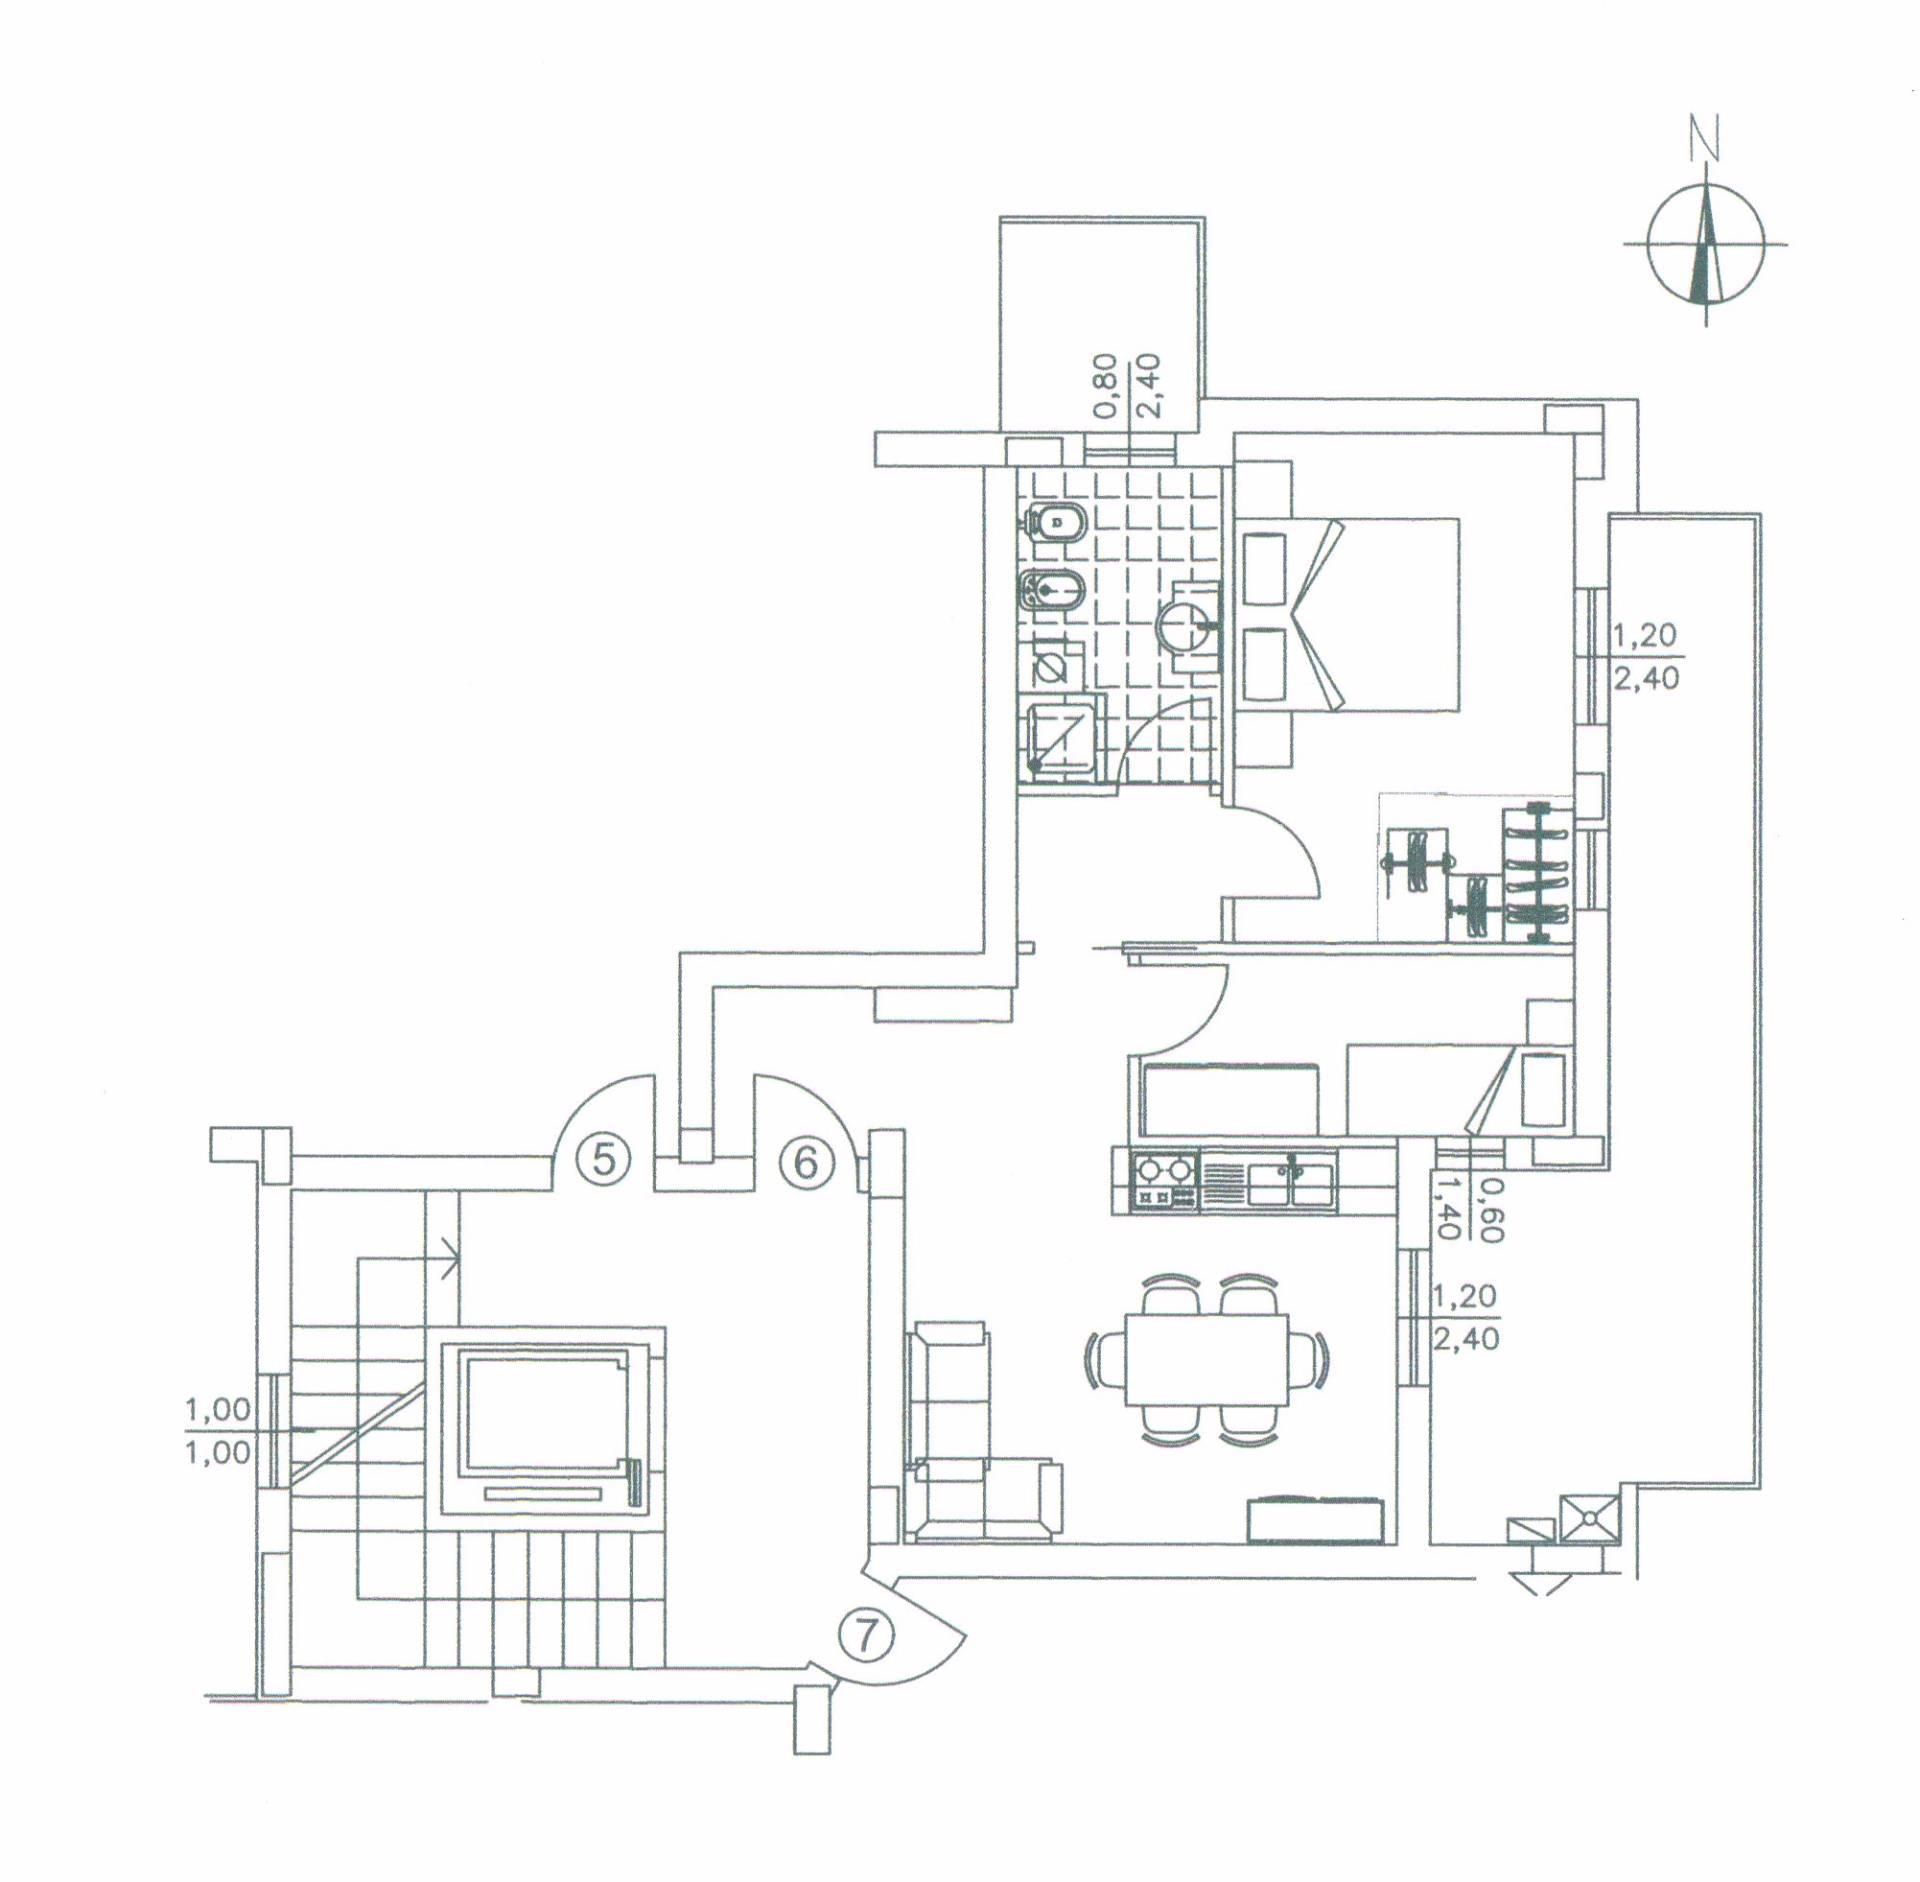 Appartamento in vendita a San Benedetto del Tronto, 3 locali, zona Località: CENTRALEVERSOSUD, prezzo € 190.000   CambioCasa.it